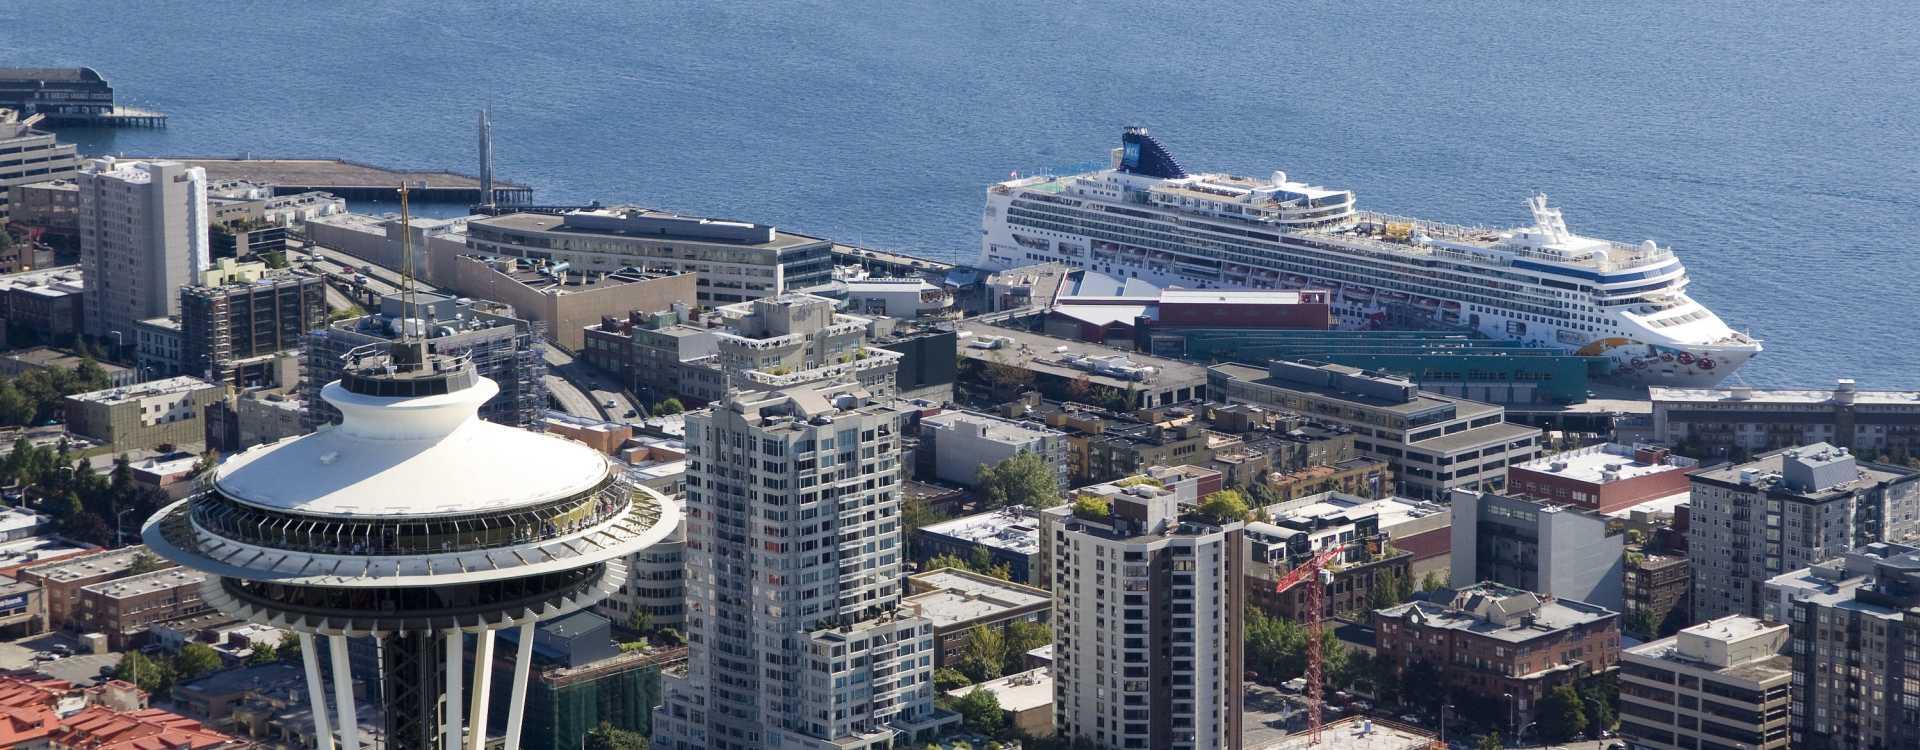 Bell Street Cruise Terminal - Pier 66